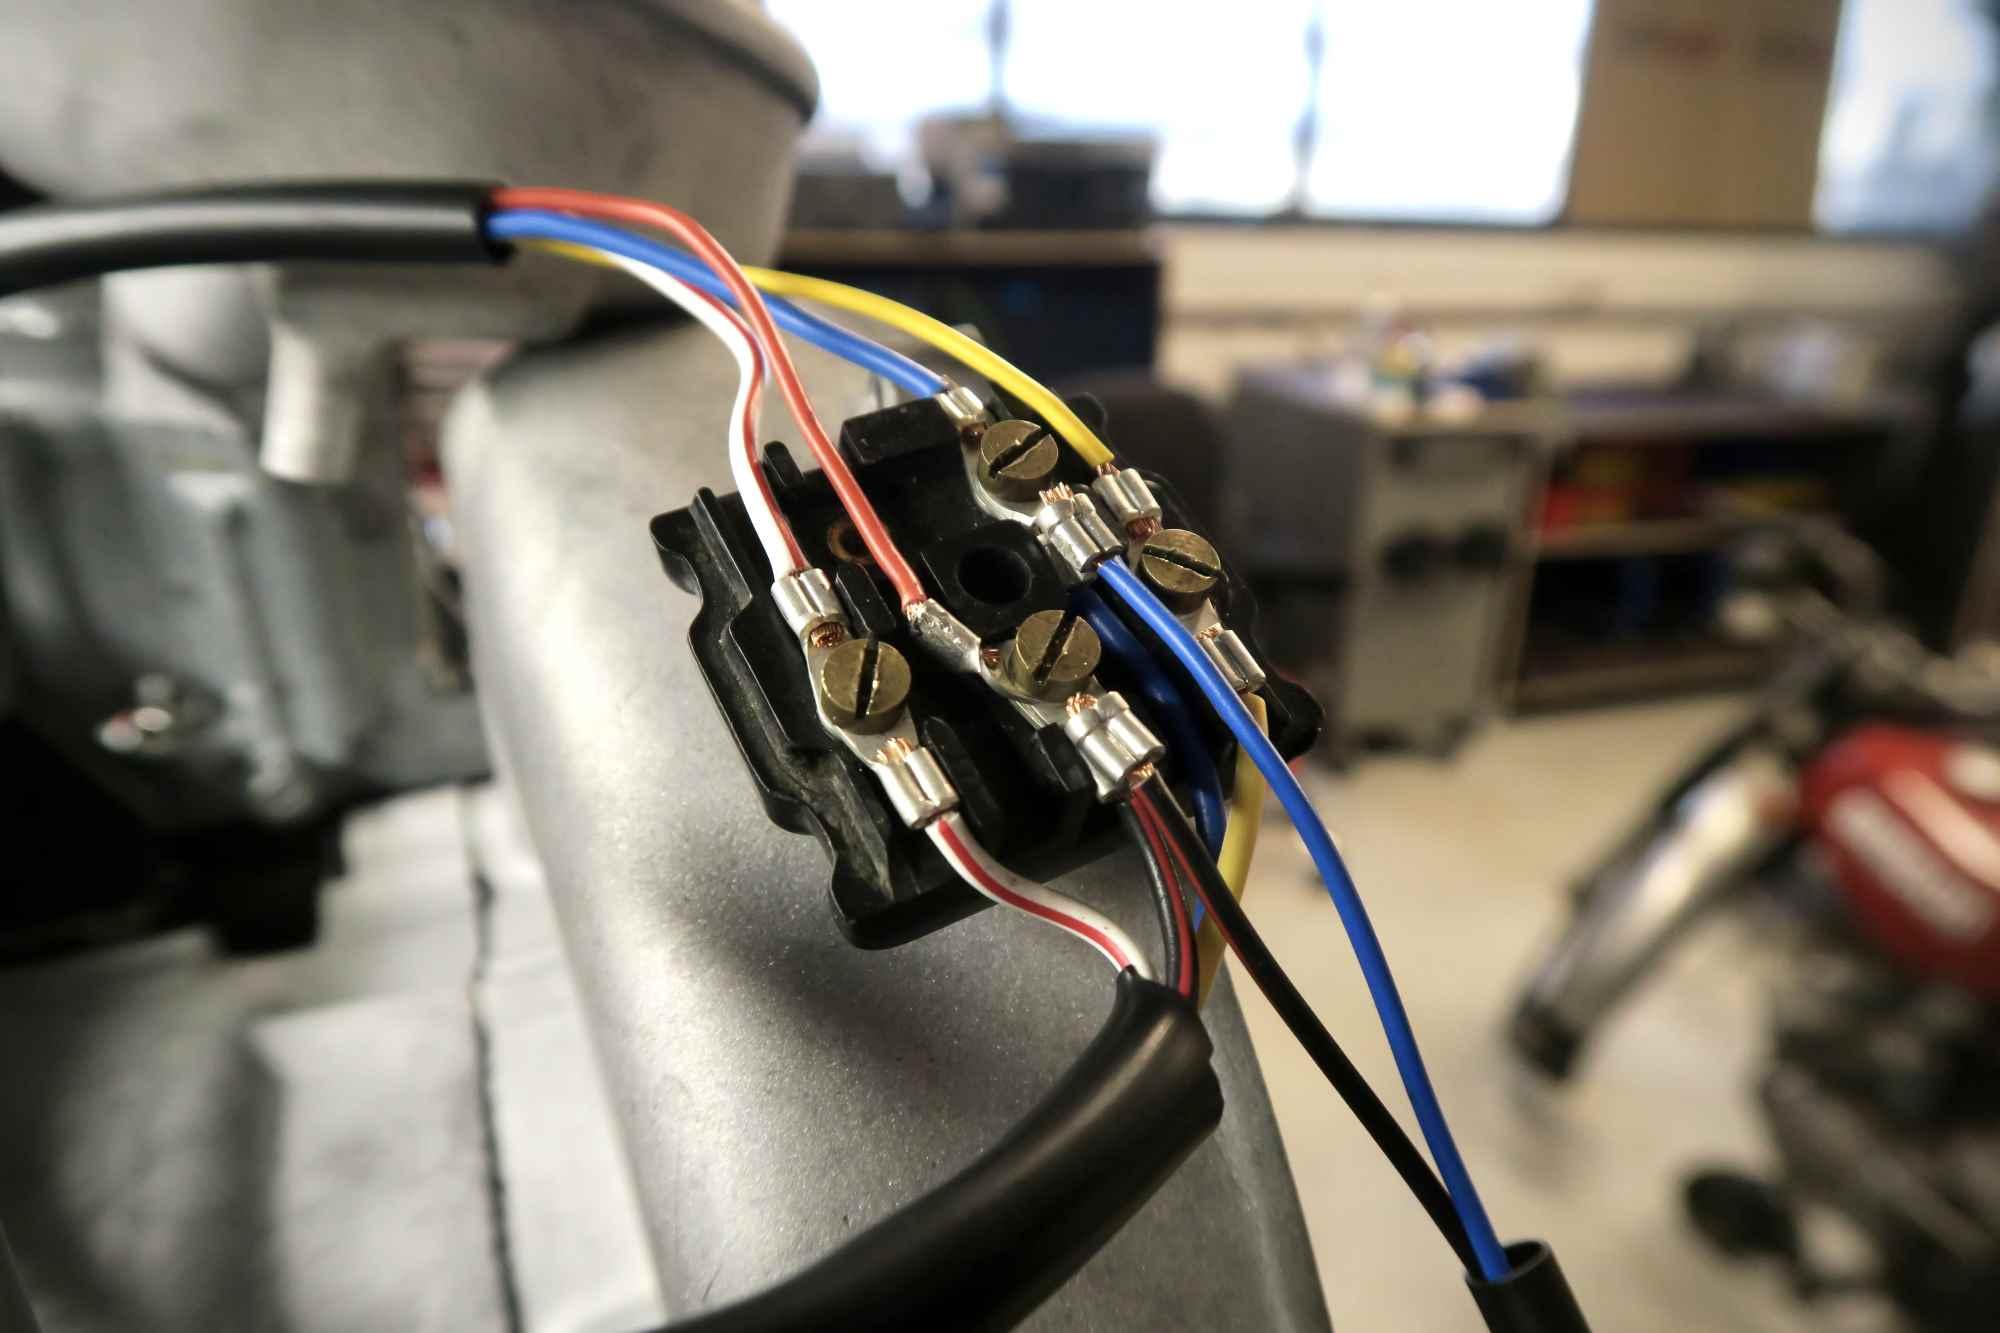 Kabelkästchen am Vespa 180 SS Motor